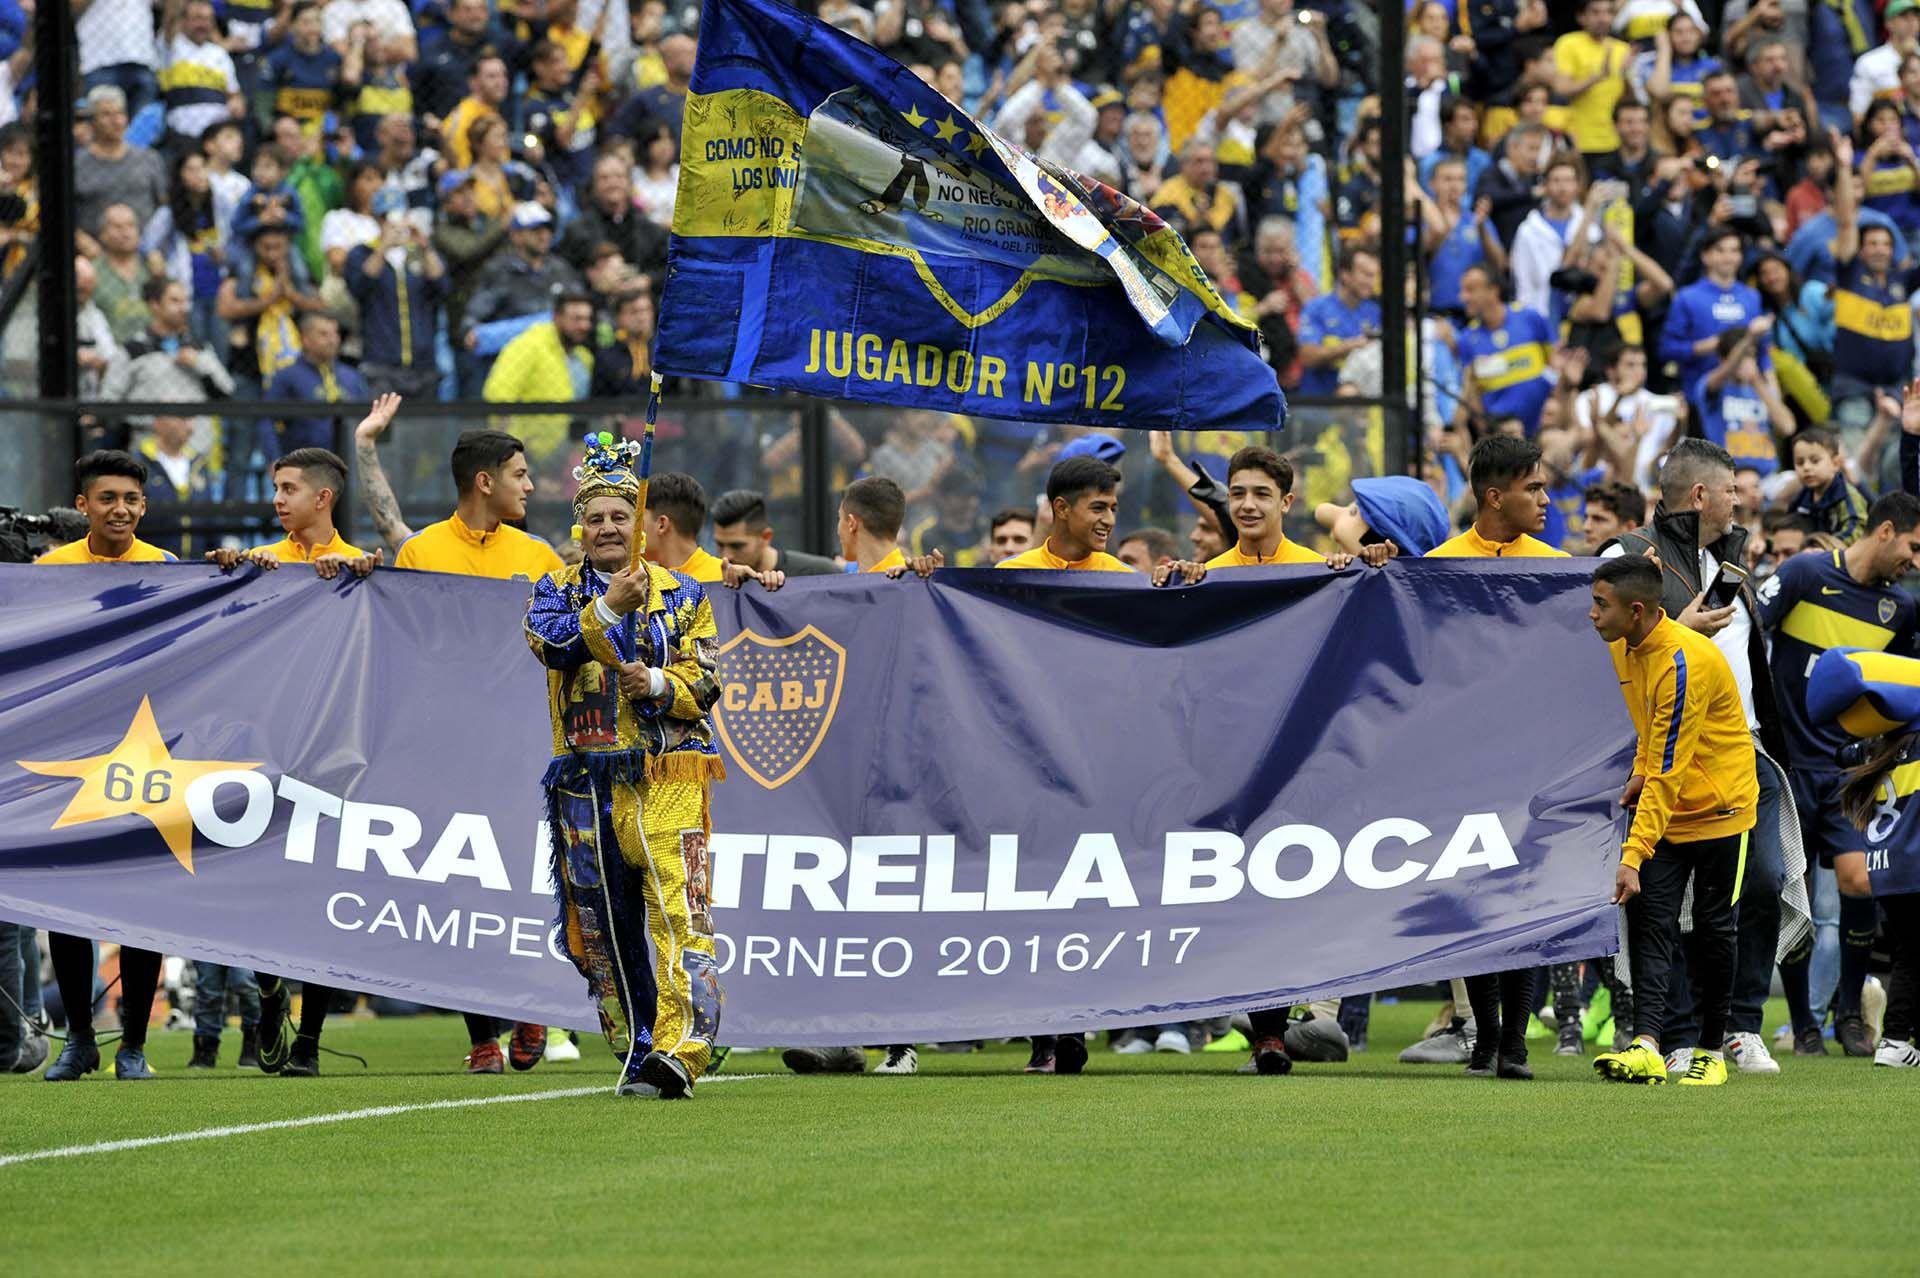 El Loco Banderita solía hacer su show a la salida del equipo en la Bombonera (Télam - Alejandro Santa Cruz/jr)